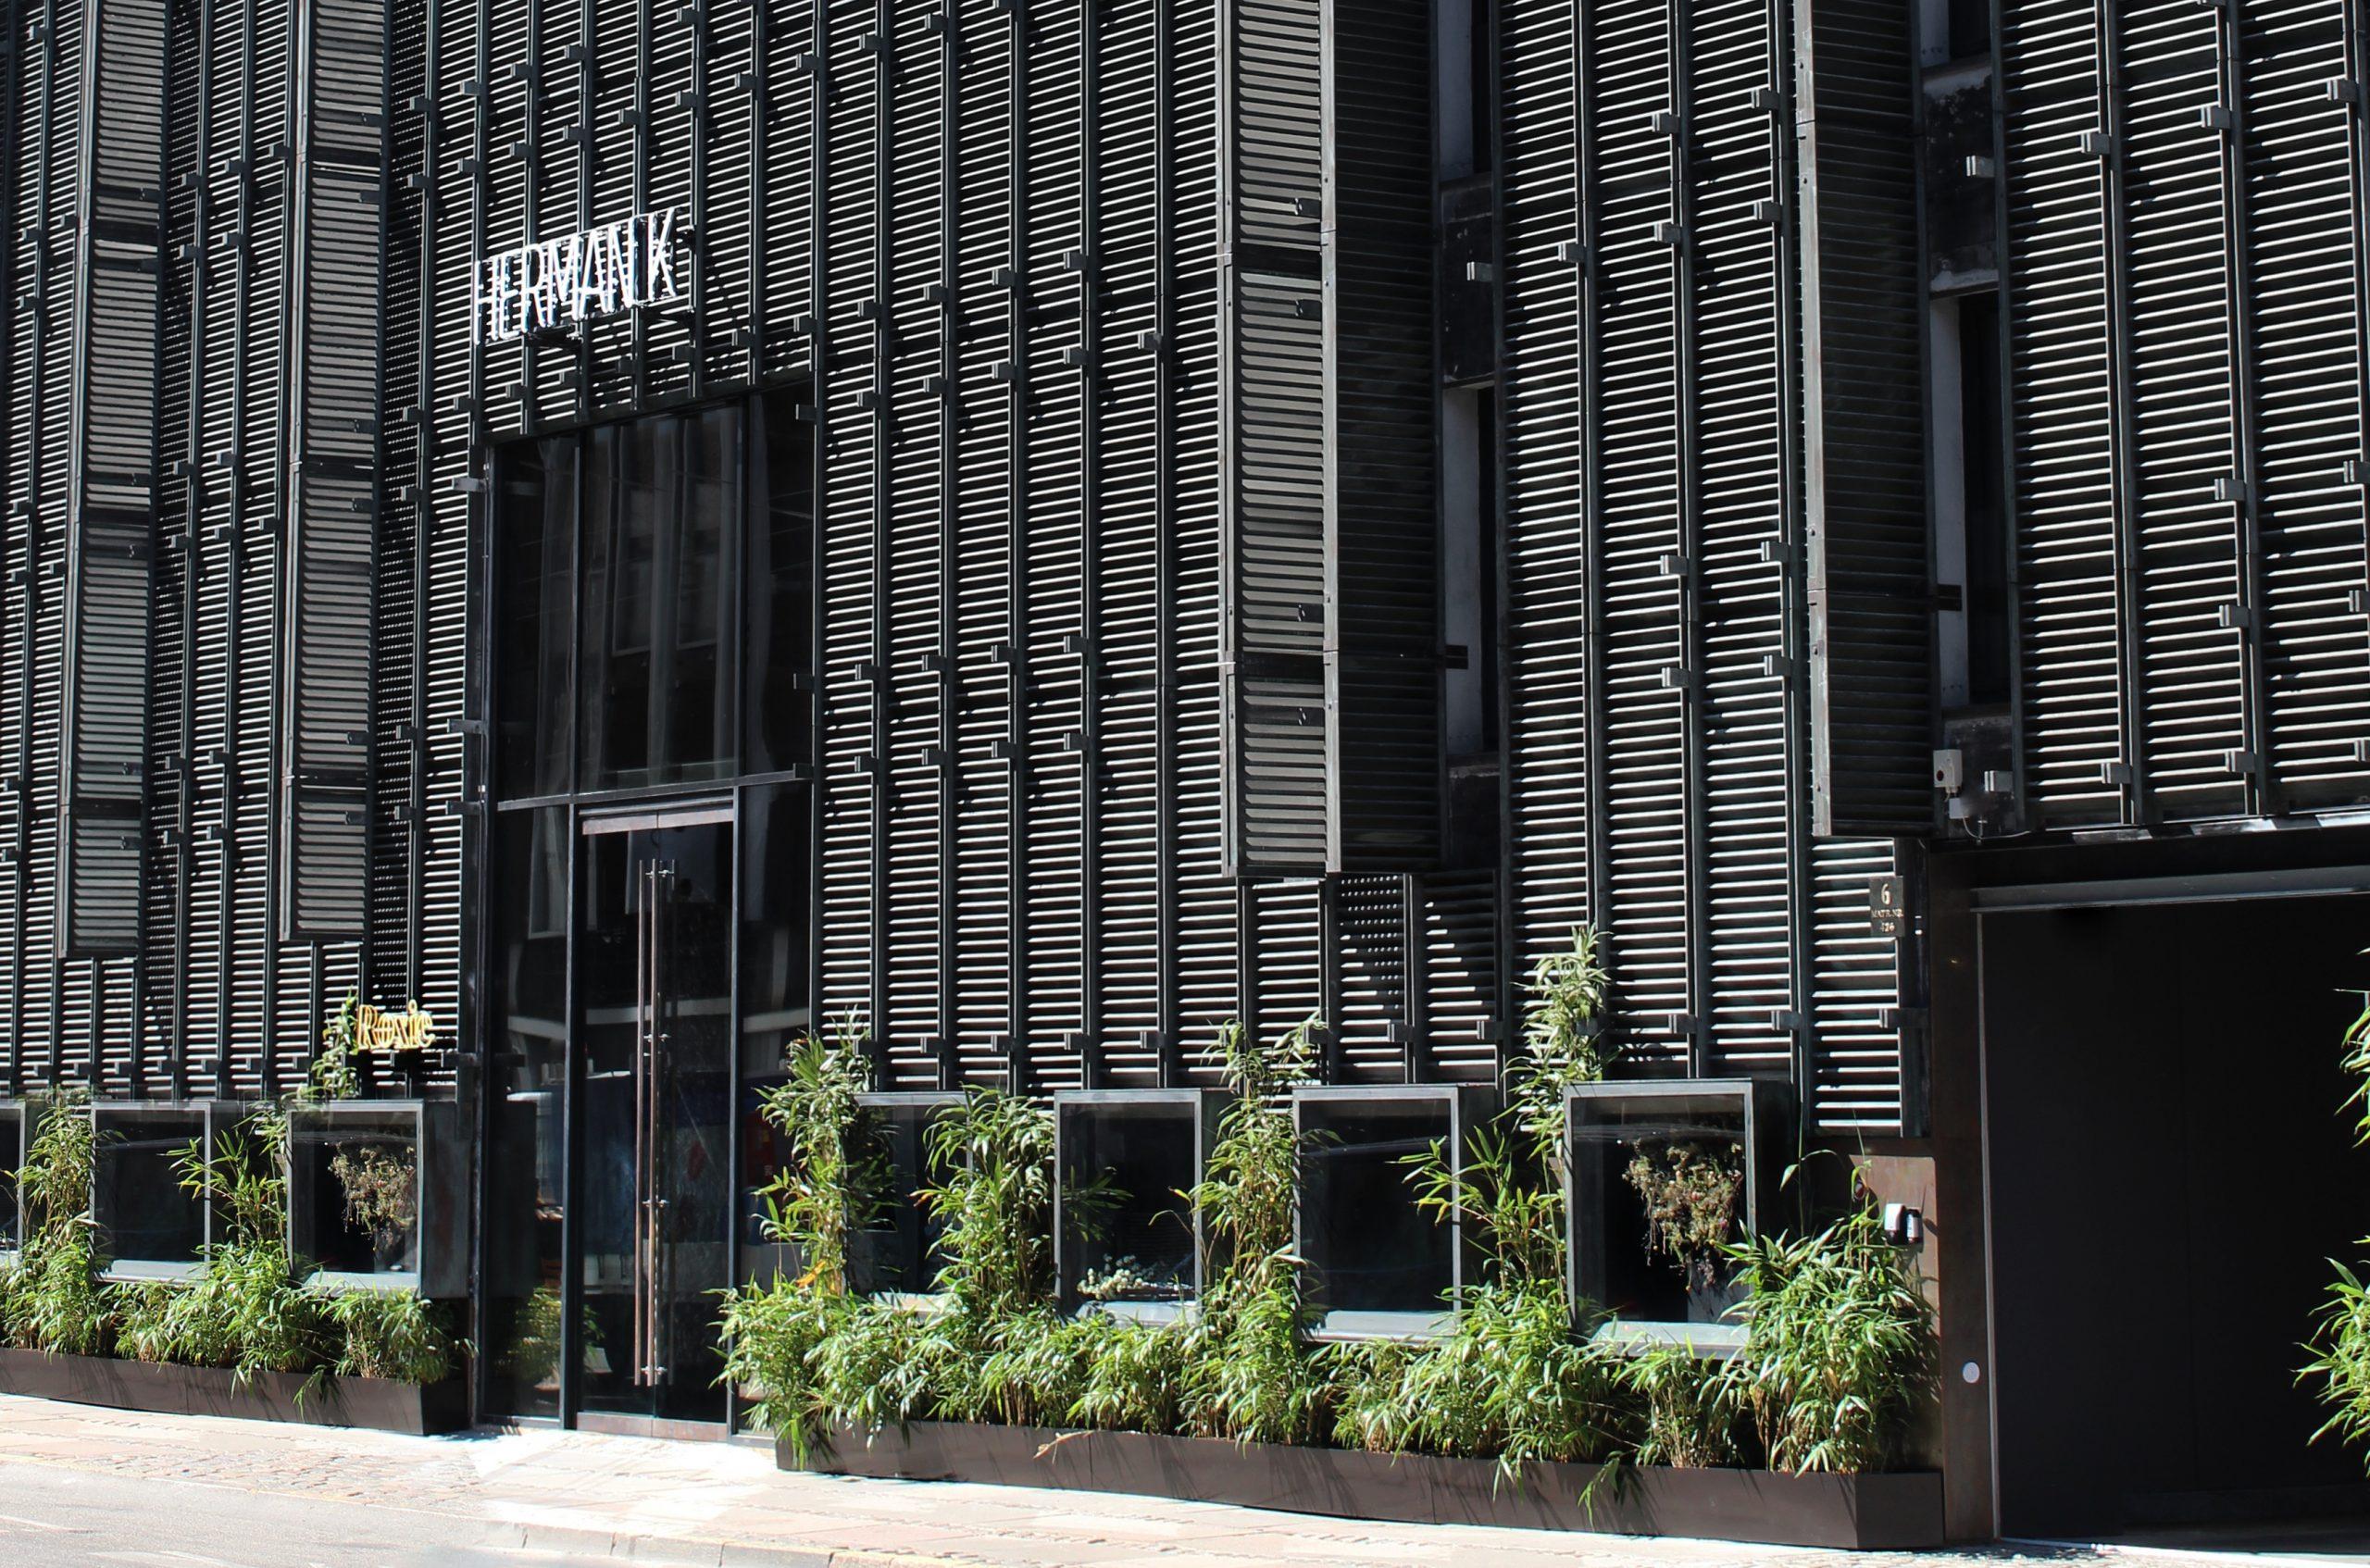 Brøchner Hotels opgav sidste forår driften af hotellet Herman K tæt på Kongens Nytorv. I april i år overtog den britiske kapitalforvalter Ogilvy Capital hotellet, der nu har skiftet navn til The Socialist Hotel. Arkivfoto.